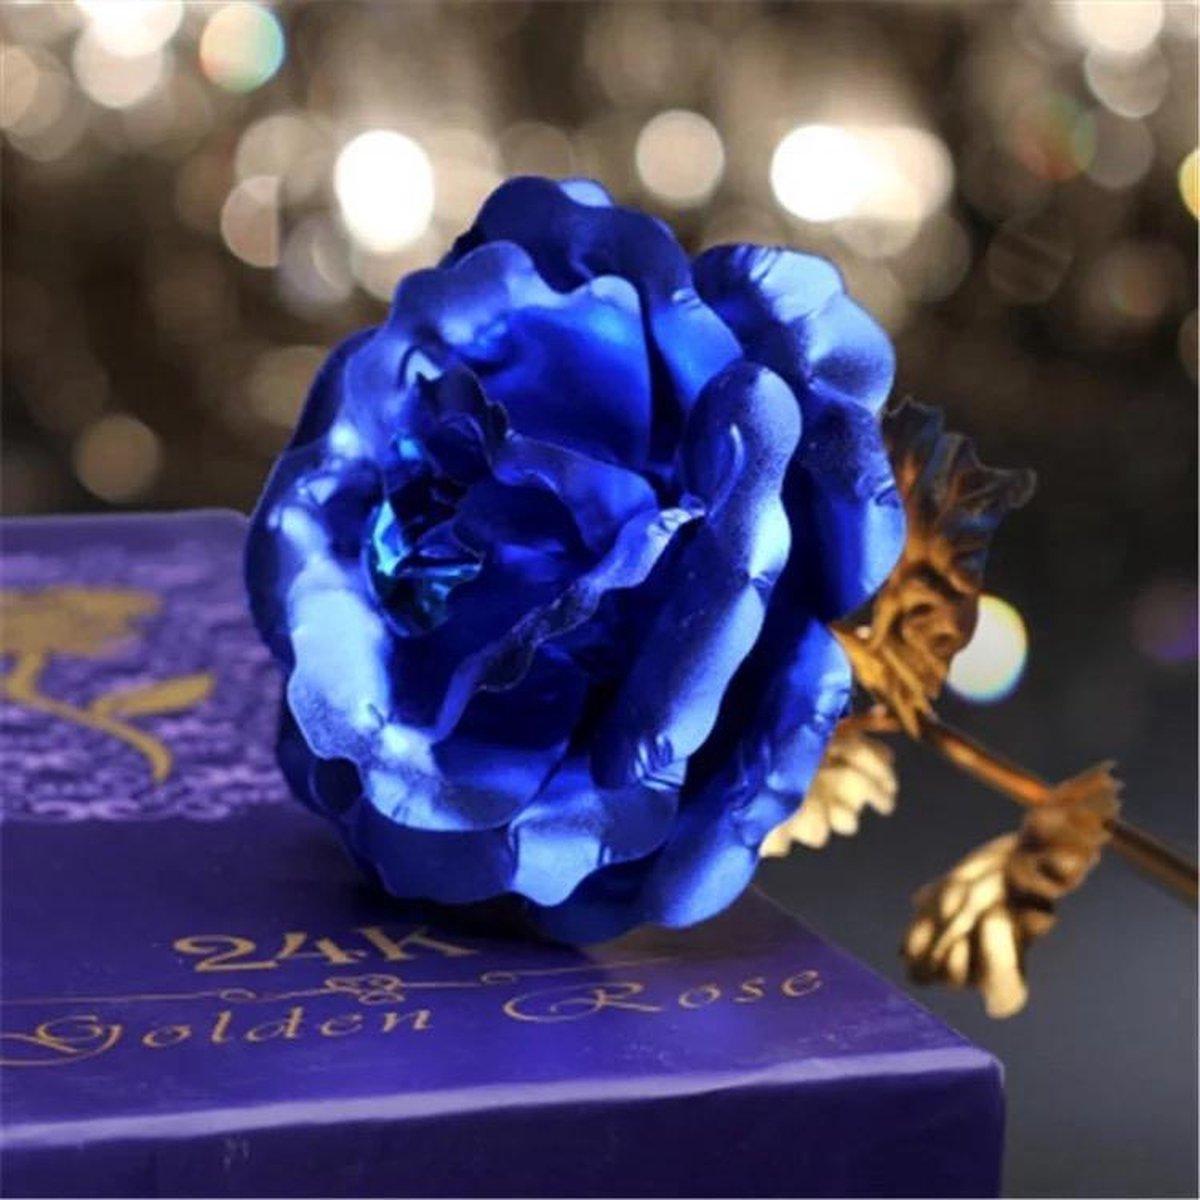 Galaxy Rose met standaard - Rozen - Bloemen - Cadeau - Gift - Valentijn - Moederdag - Liefde - Relatie - Huwelijk - Bruiloft - Verjaardag kopen